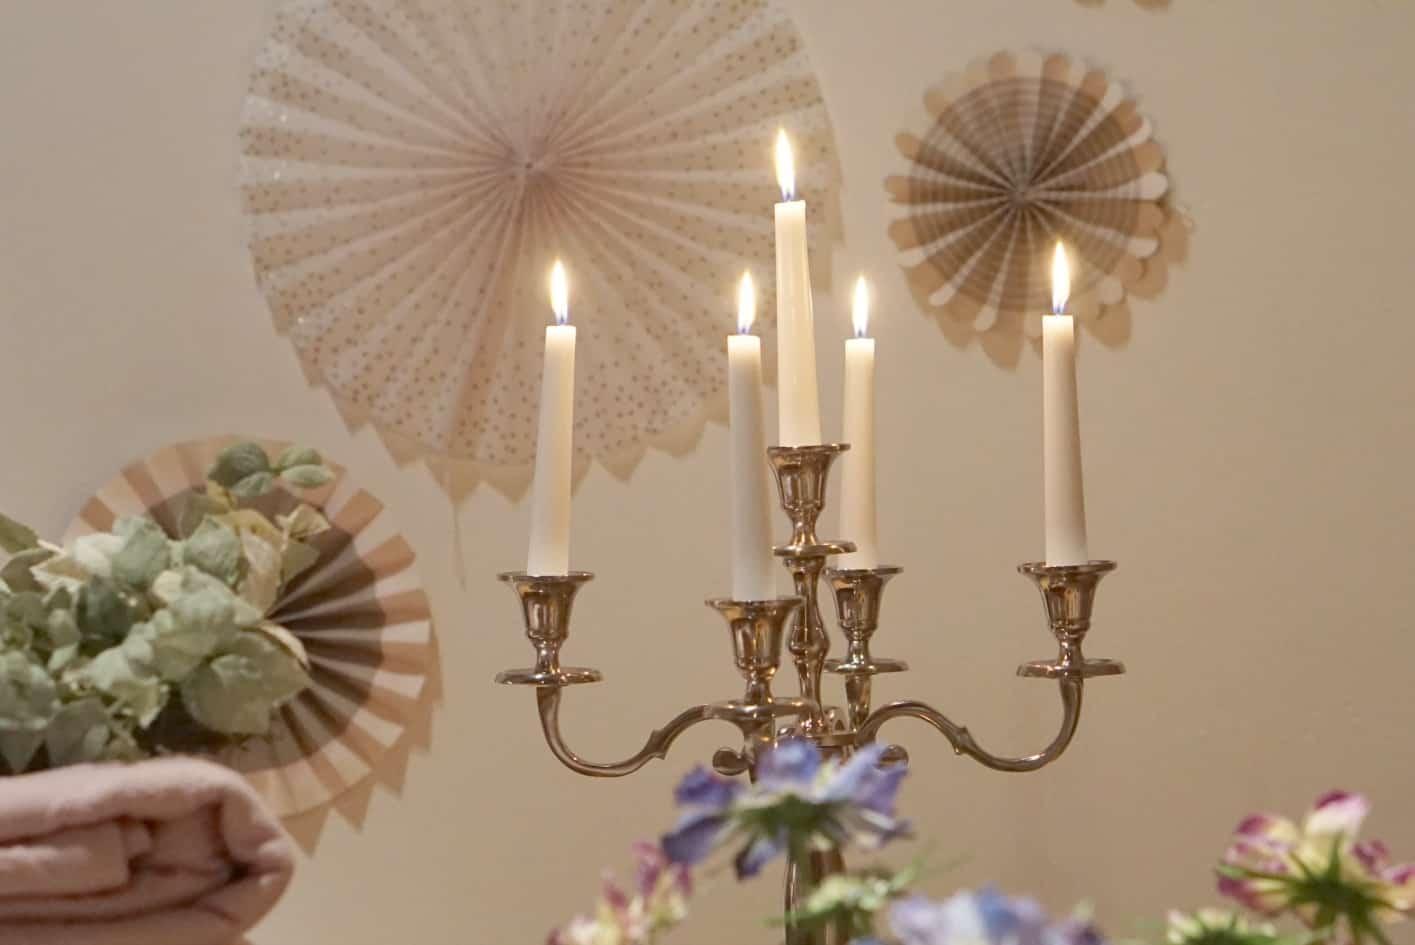 HomeSense Summer Collection